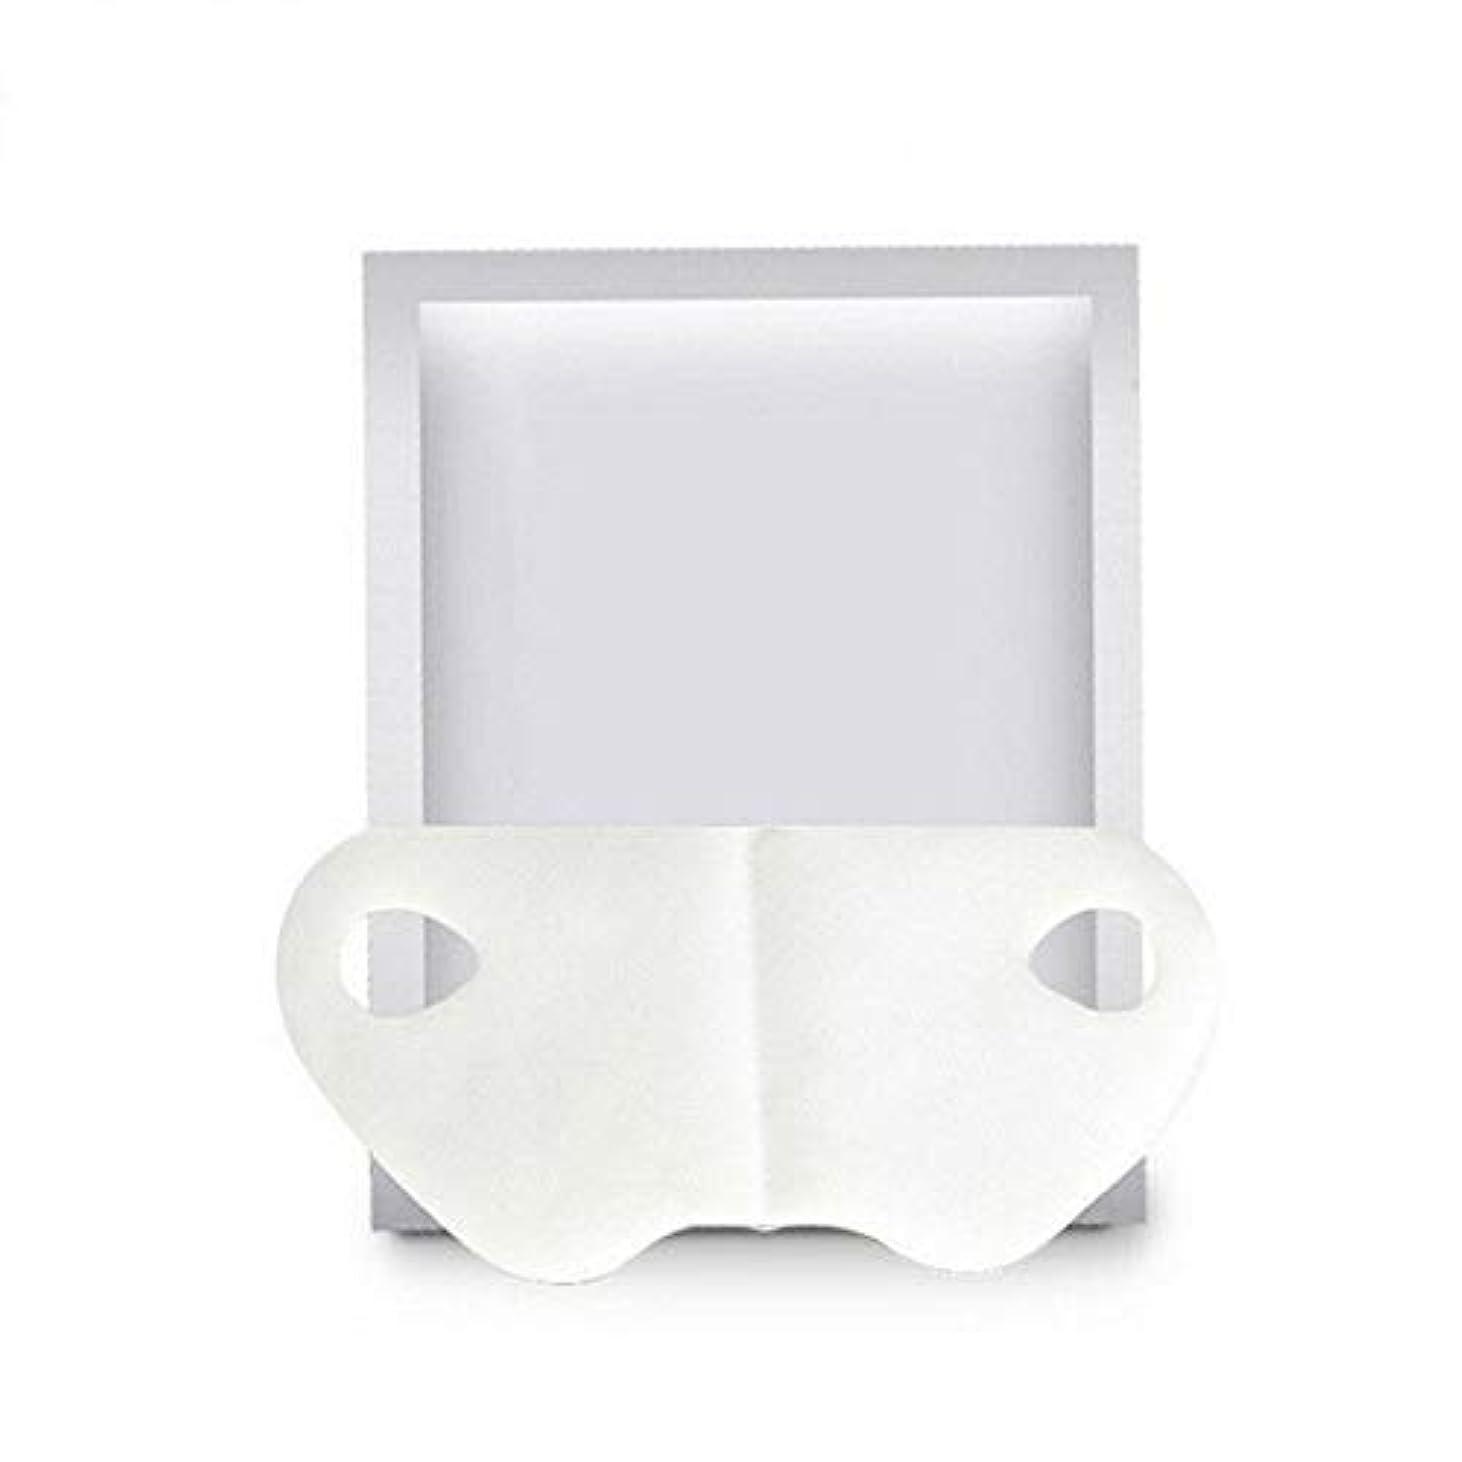 シャーロットブロンテ見通し仕事Aylincool   保湿フェイスファーミングマスクをホワイトニングするV字型スリミングフェイスマスク